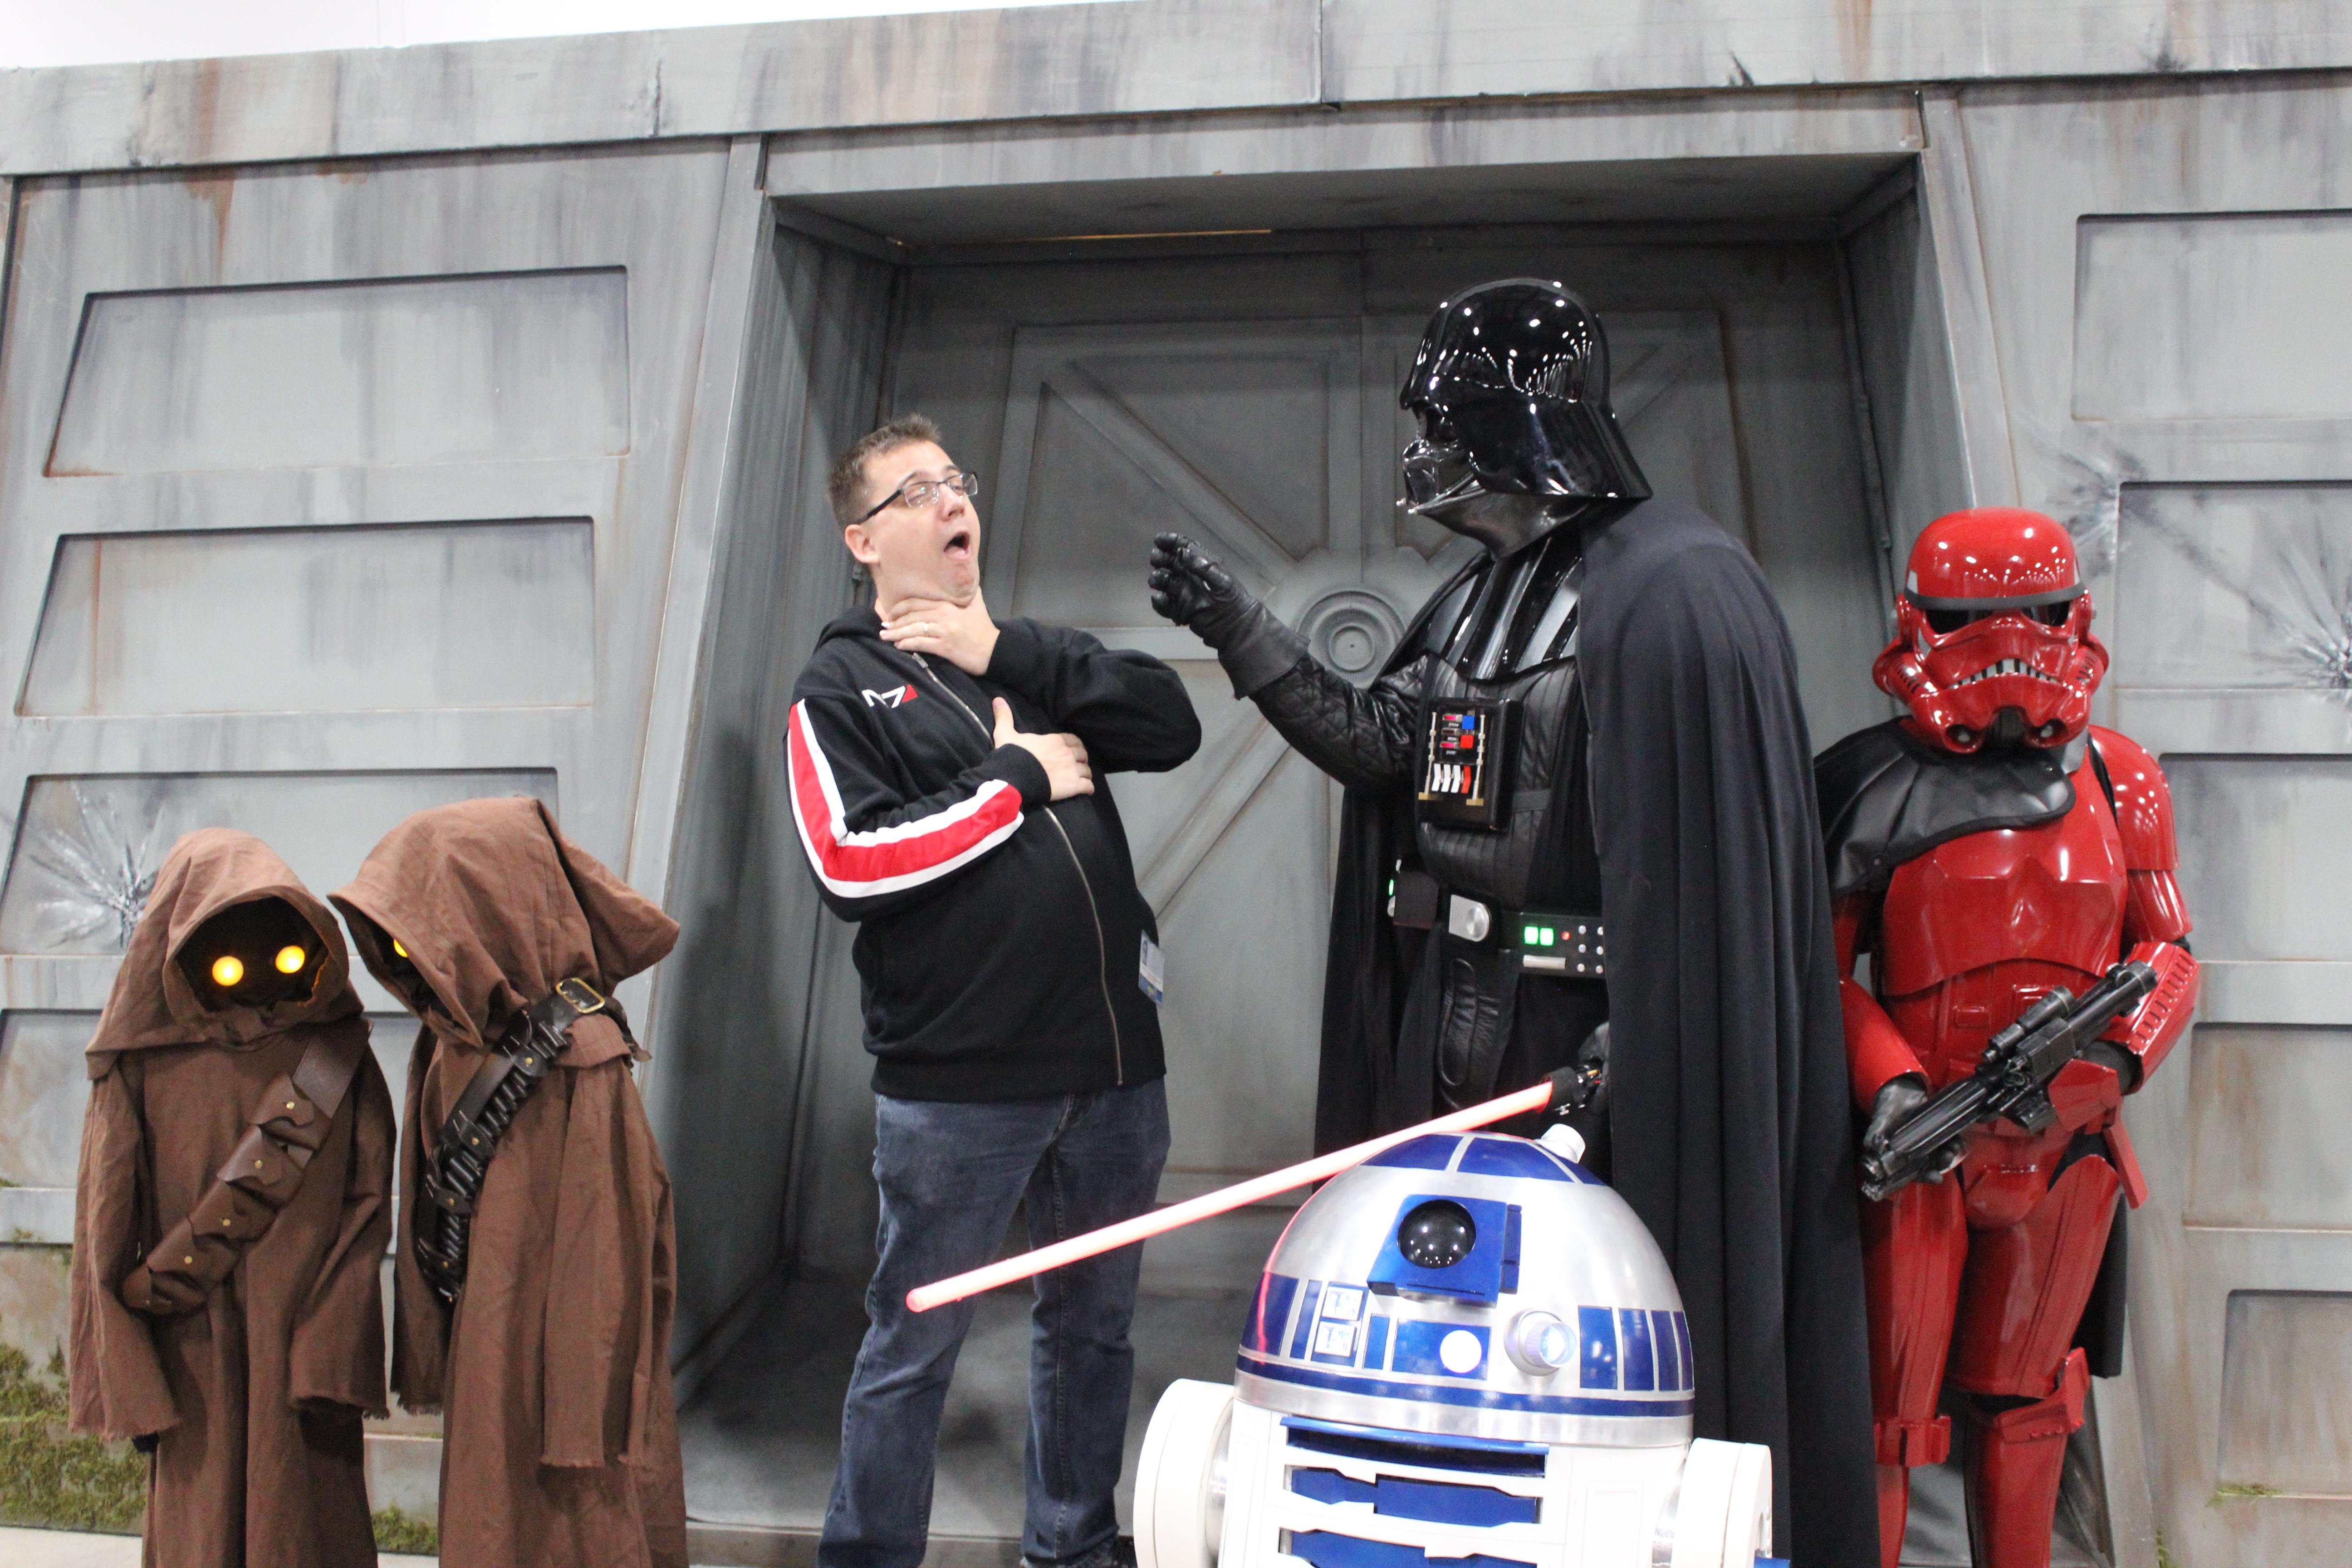 Les membres de la légion 501 ont été très généreux lorsque les admirateurs souhaitaient une photo avec eux lors du ComicCon d'Ottawa 2017